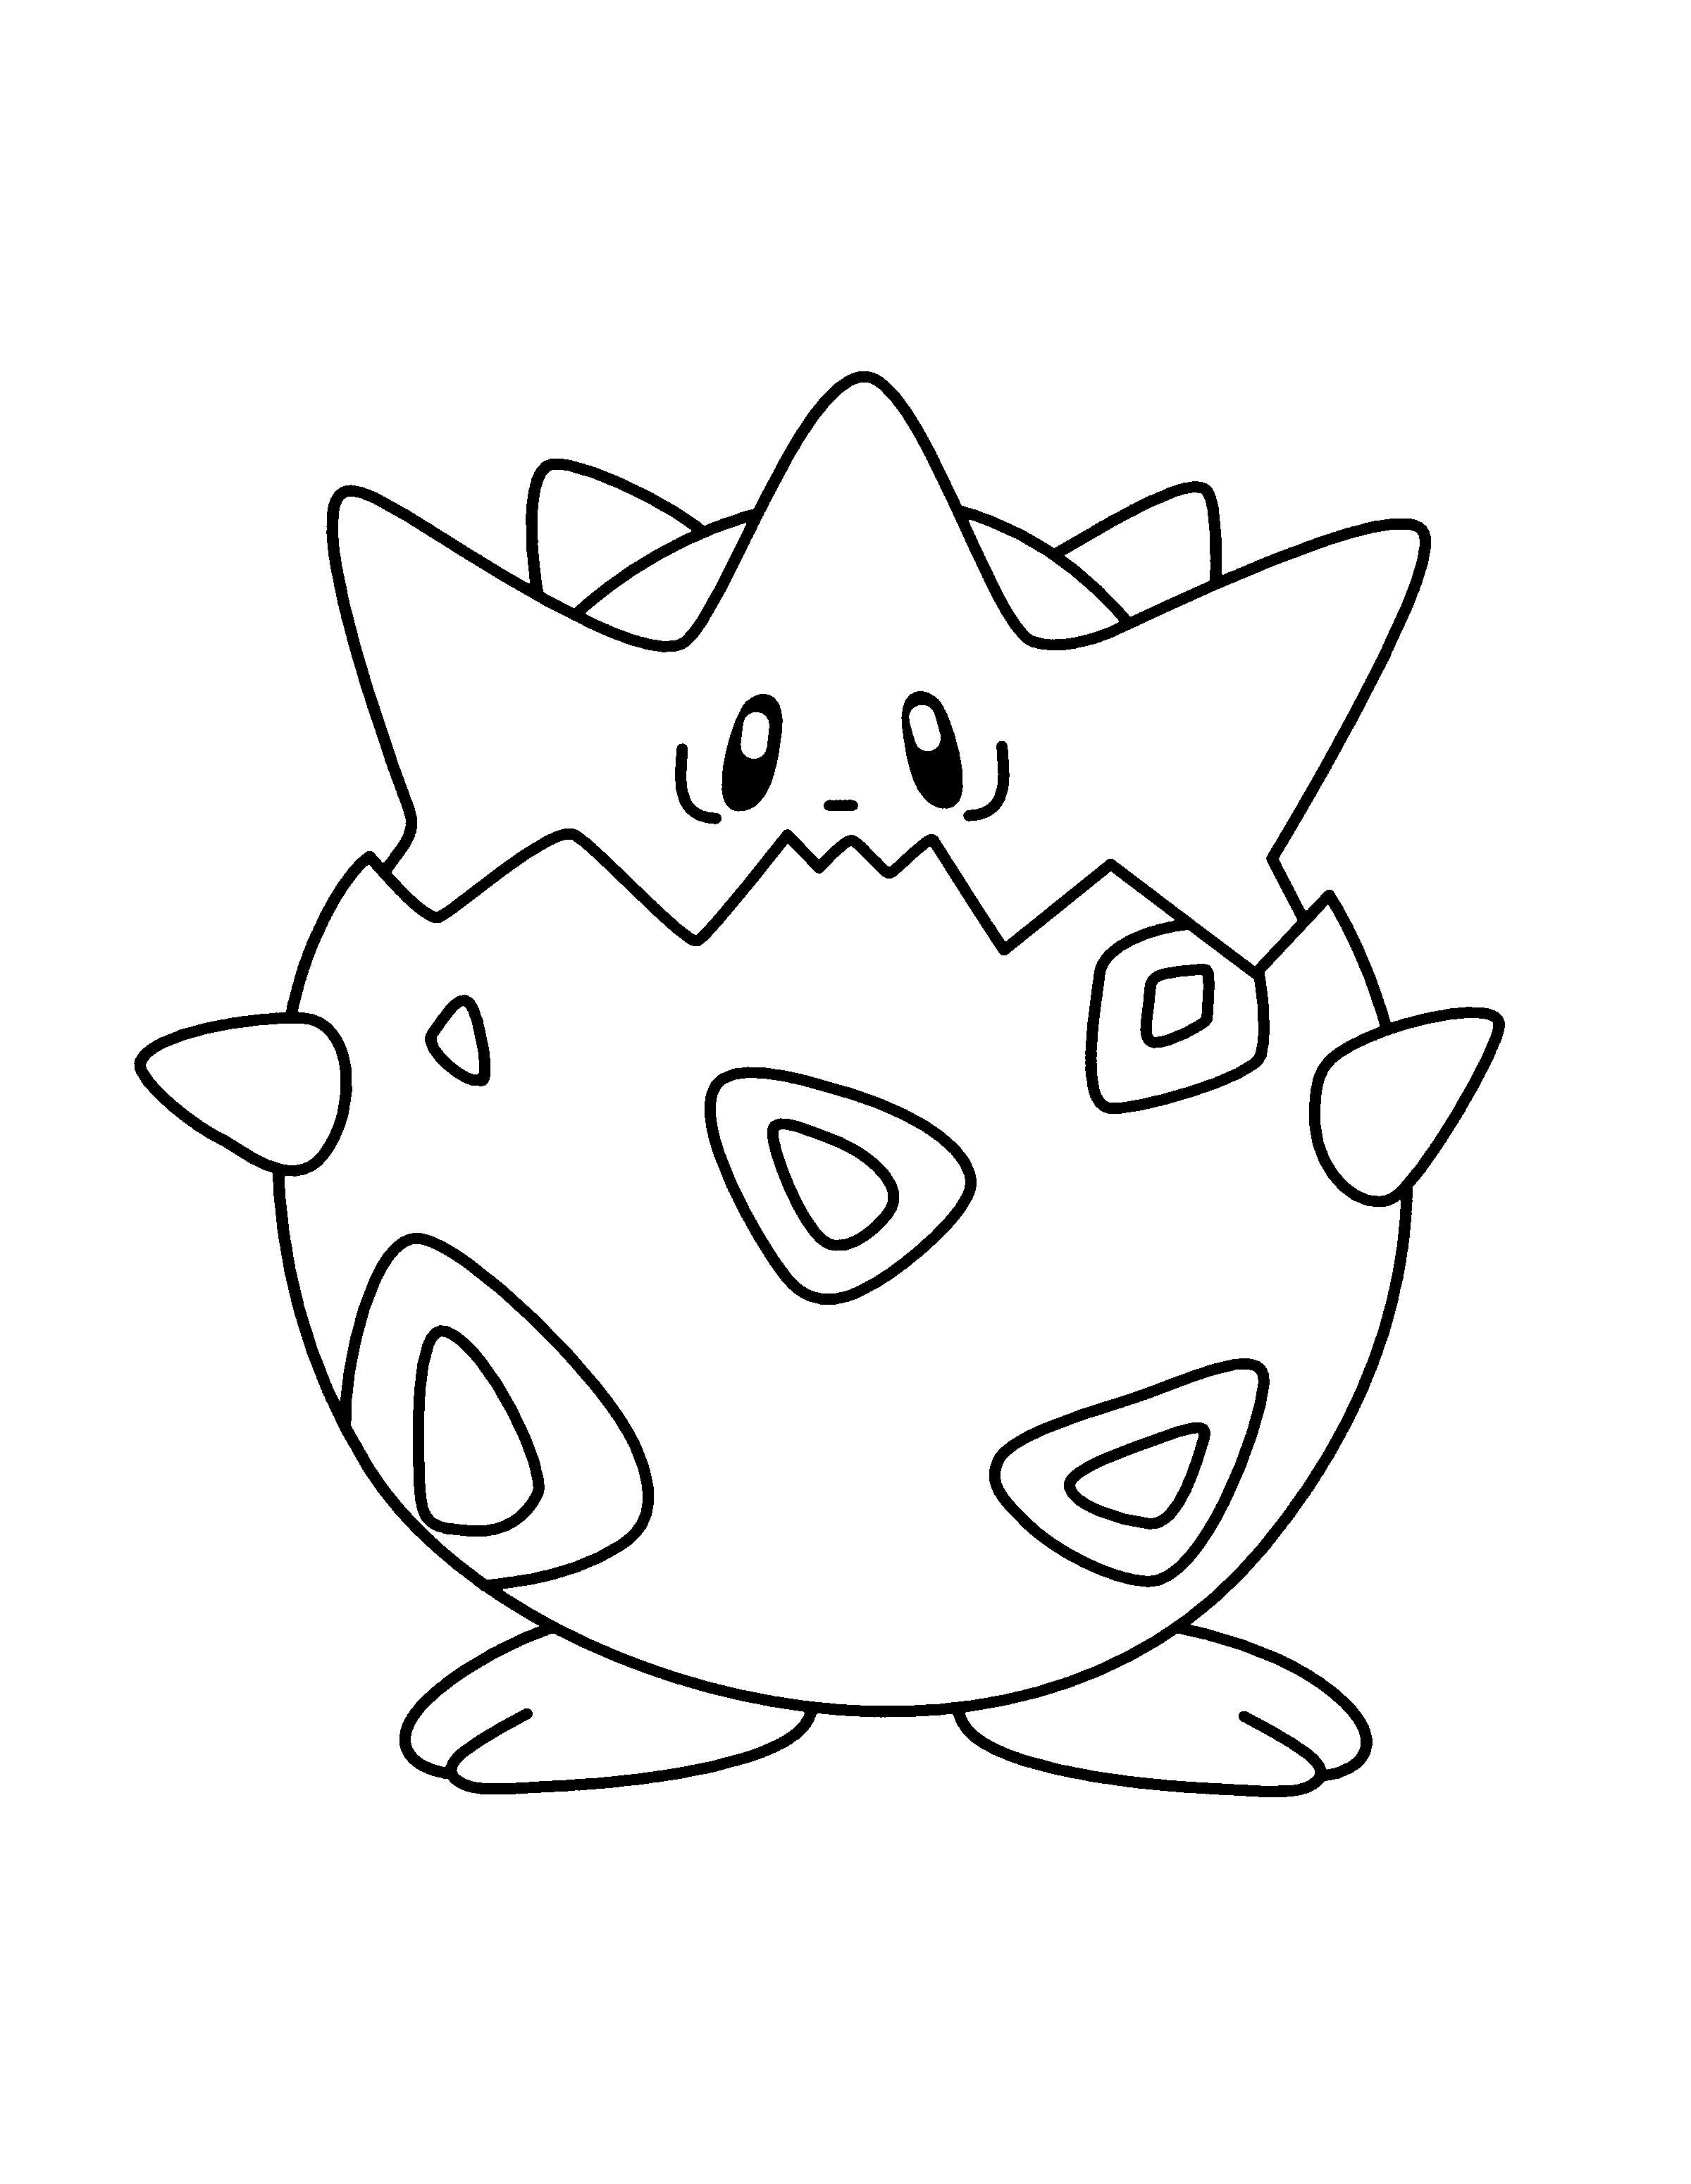 Ausmalbilder Für Kinder Genial Pokemon Ausmalbilder sonne Und Mond Inspirierend Pokemon Malvorlagen Galerie